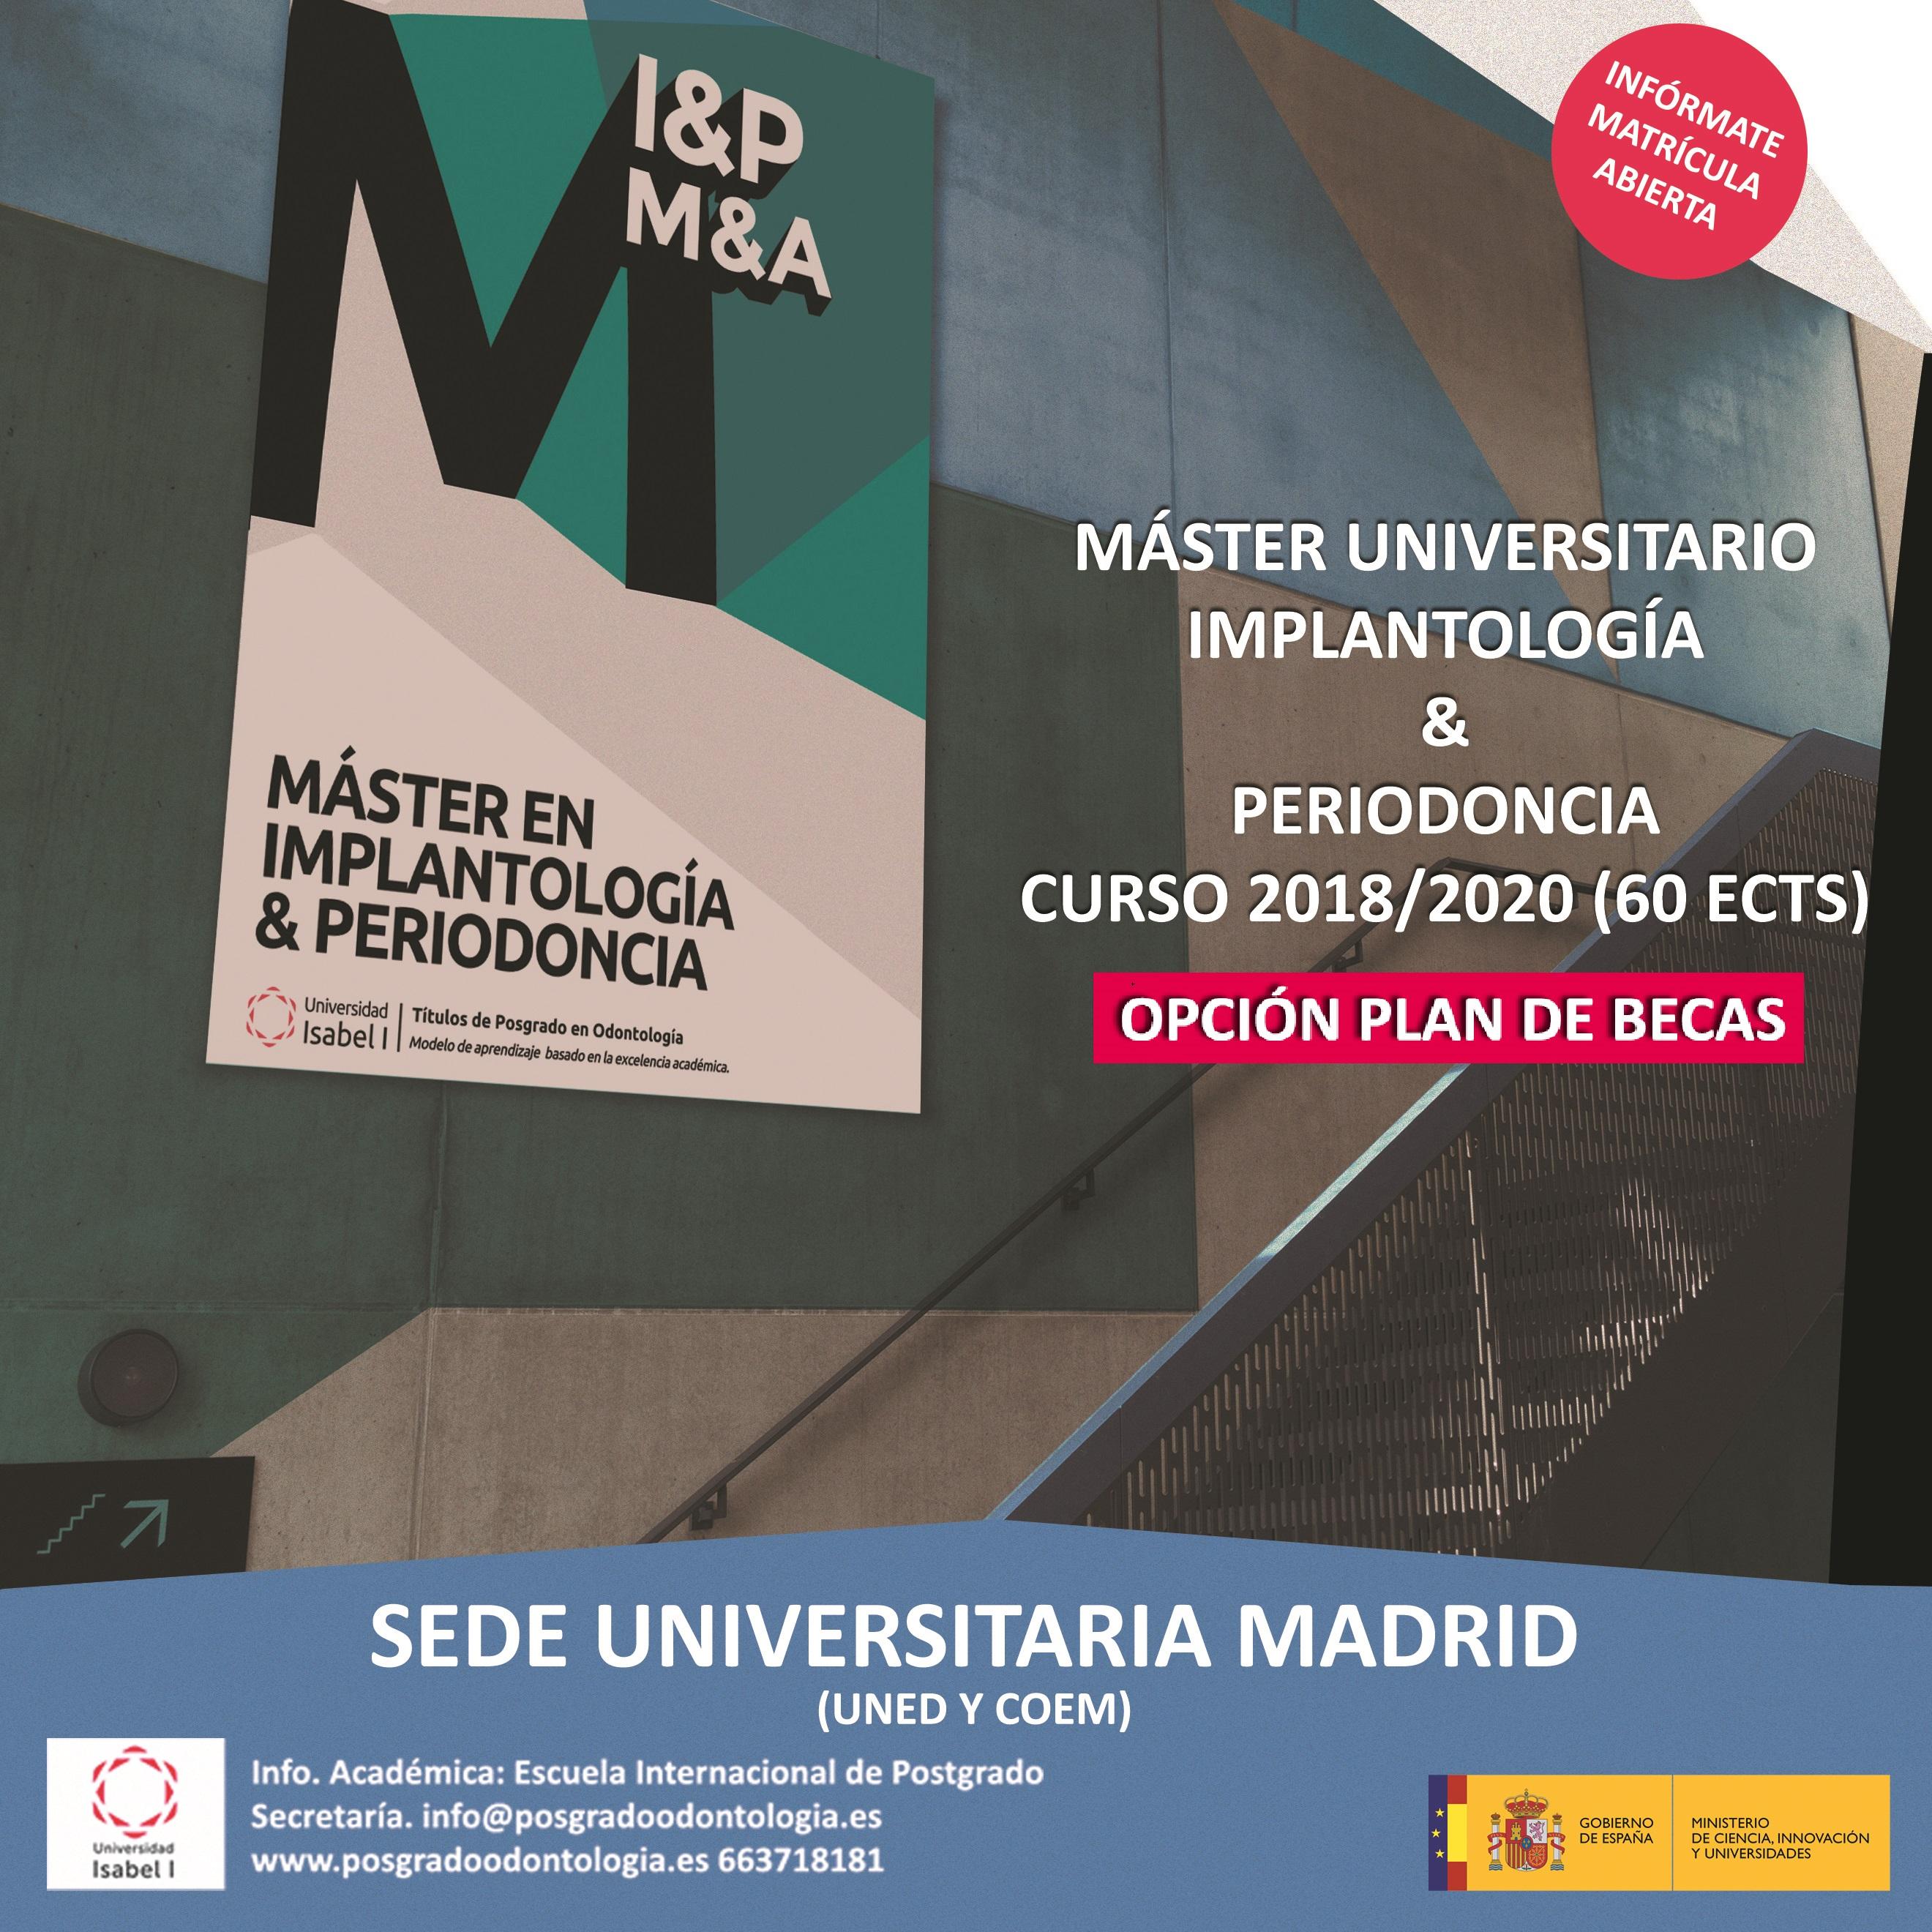 MASTER EN IMPLANTOLOGÍA Y PERIODONCIA - Universidad Isabel I Castilla 2018-2020